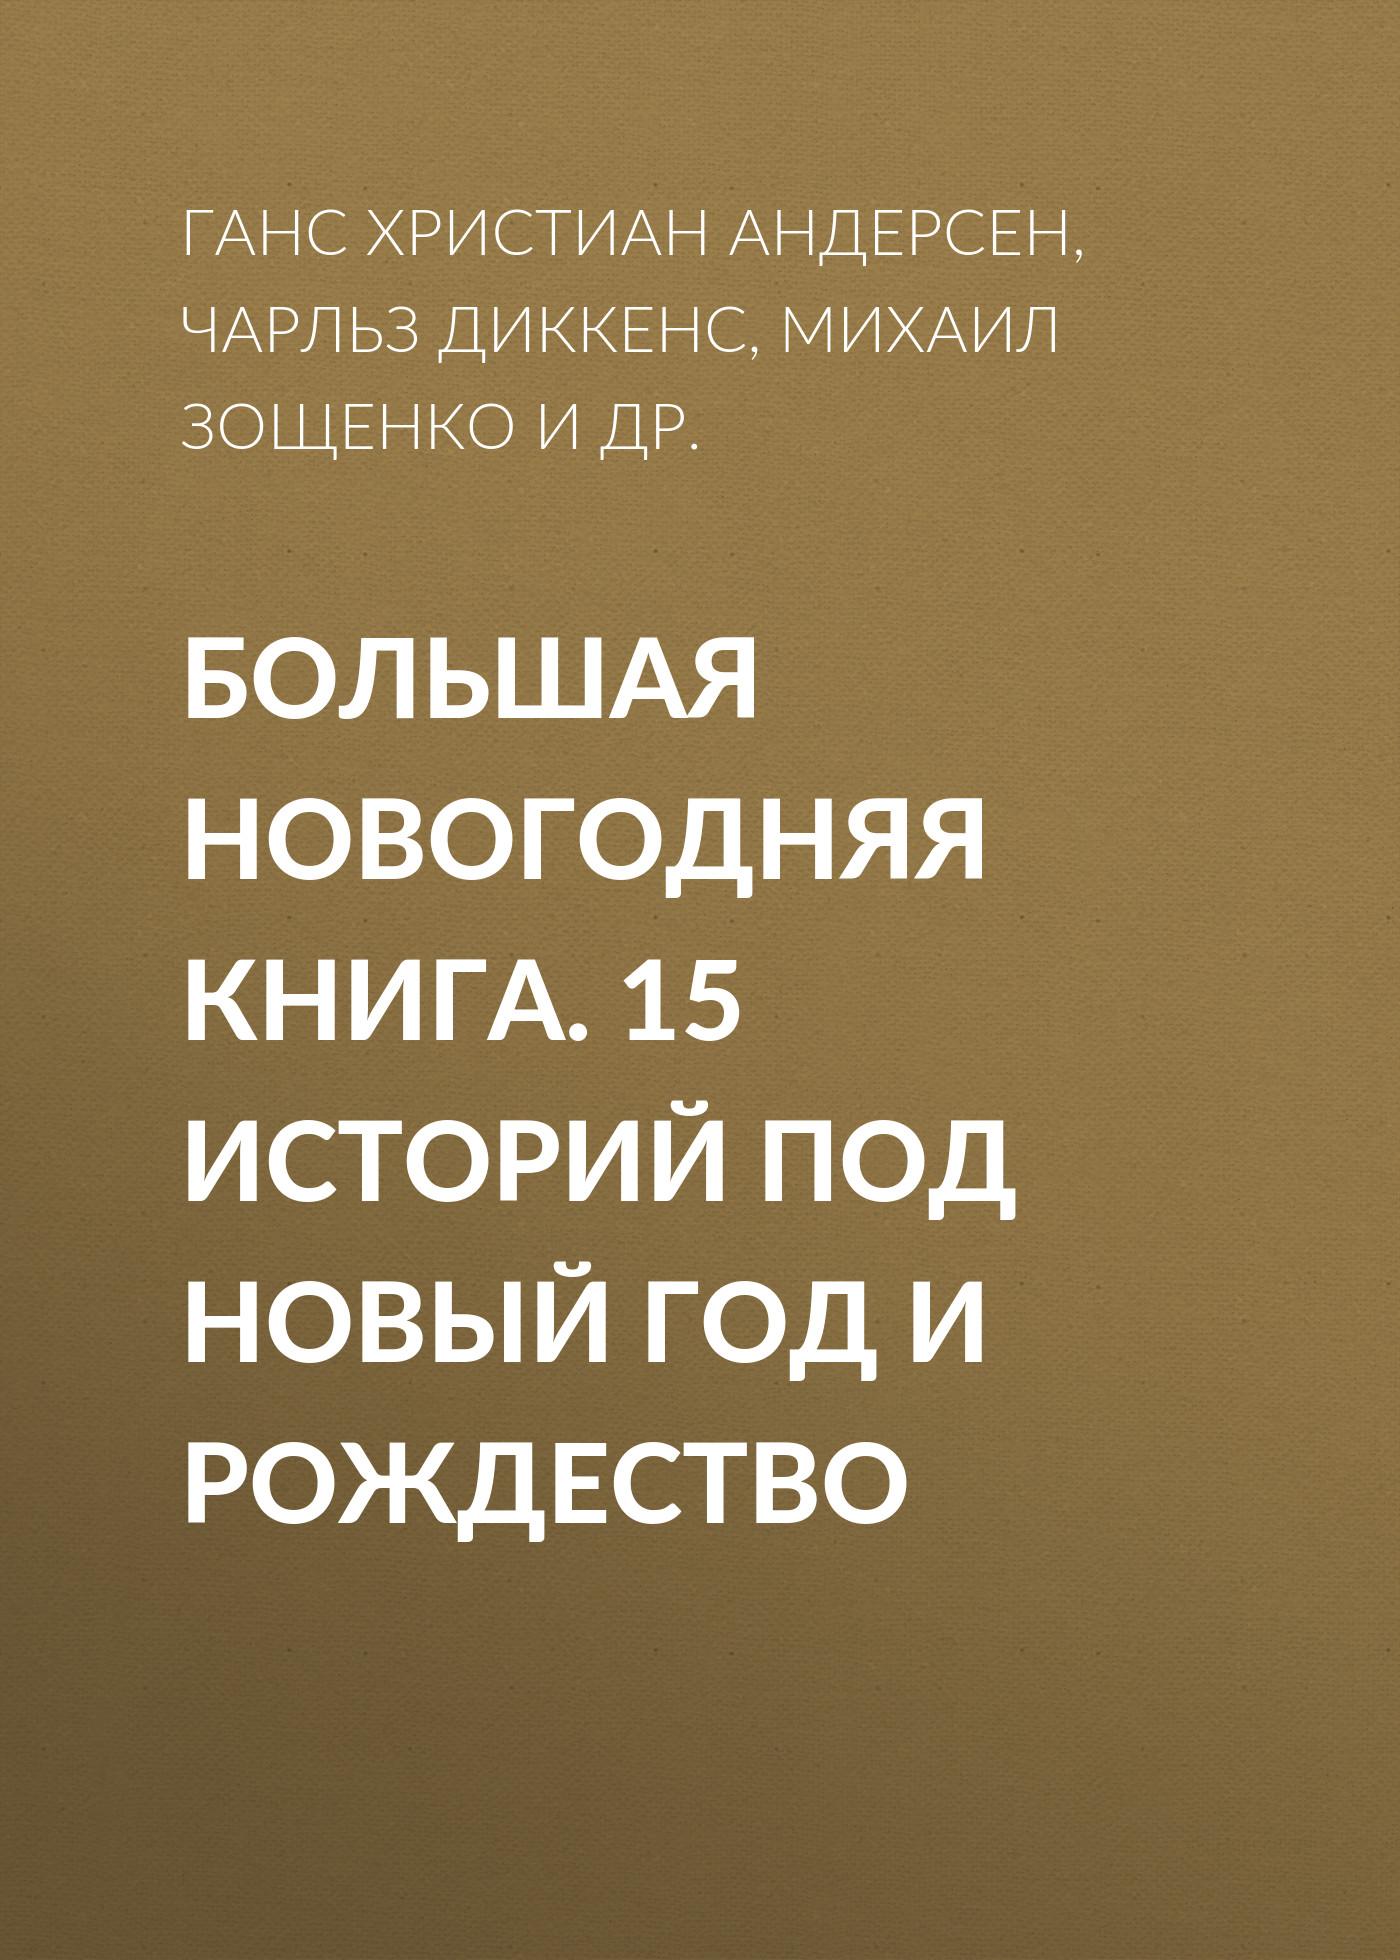 bolshaya novogodnyaya kniga 15 istoriy pod novyy god i rozhdestvo